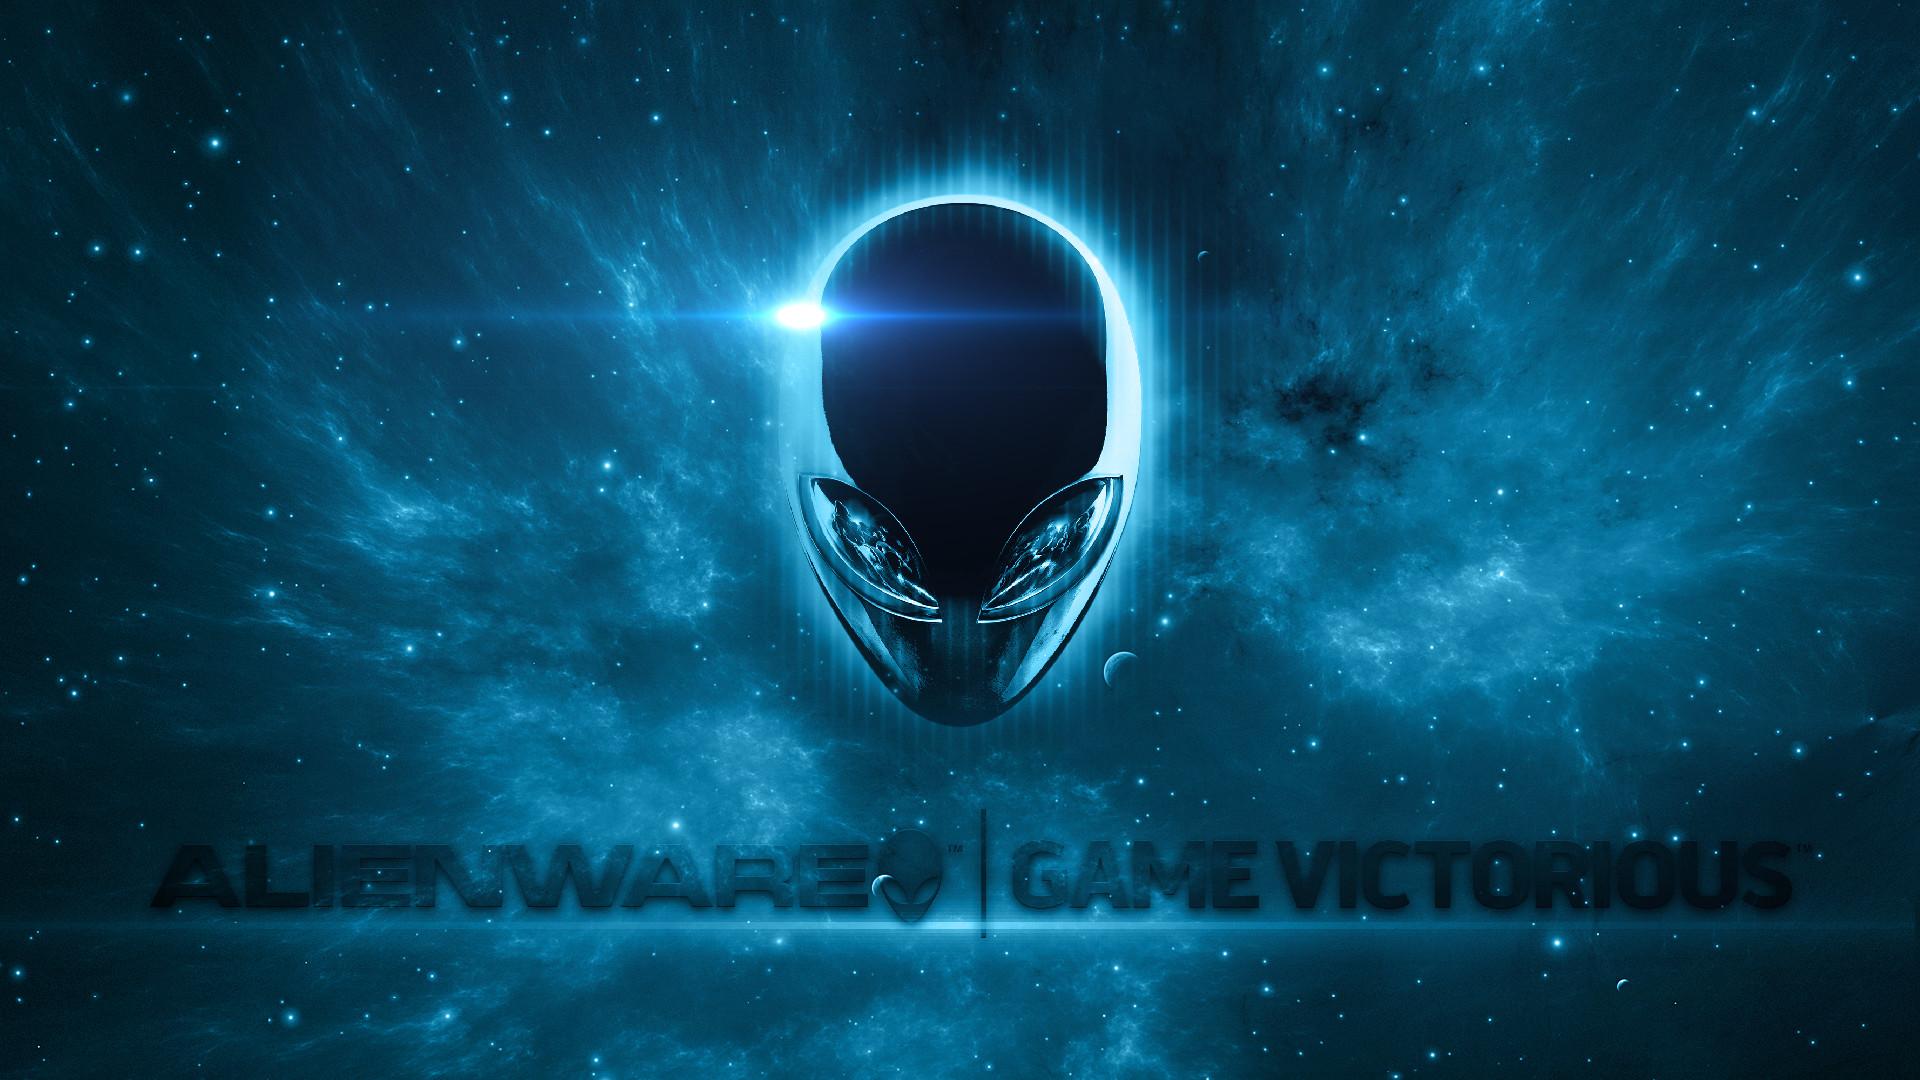 4k alienware wallpaper 72 images - Alien desktop ...